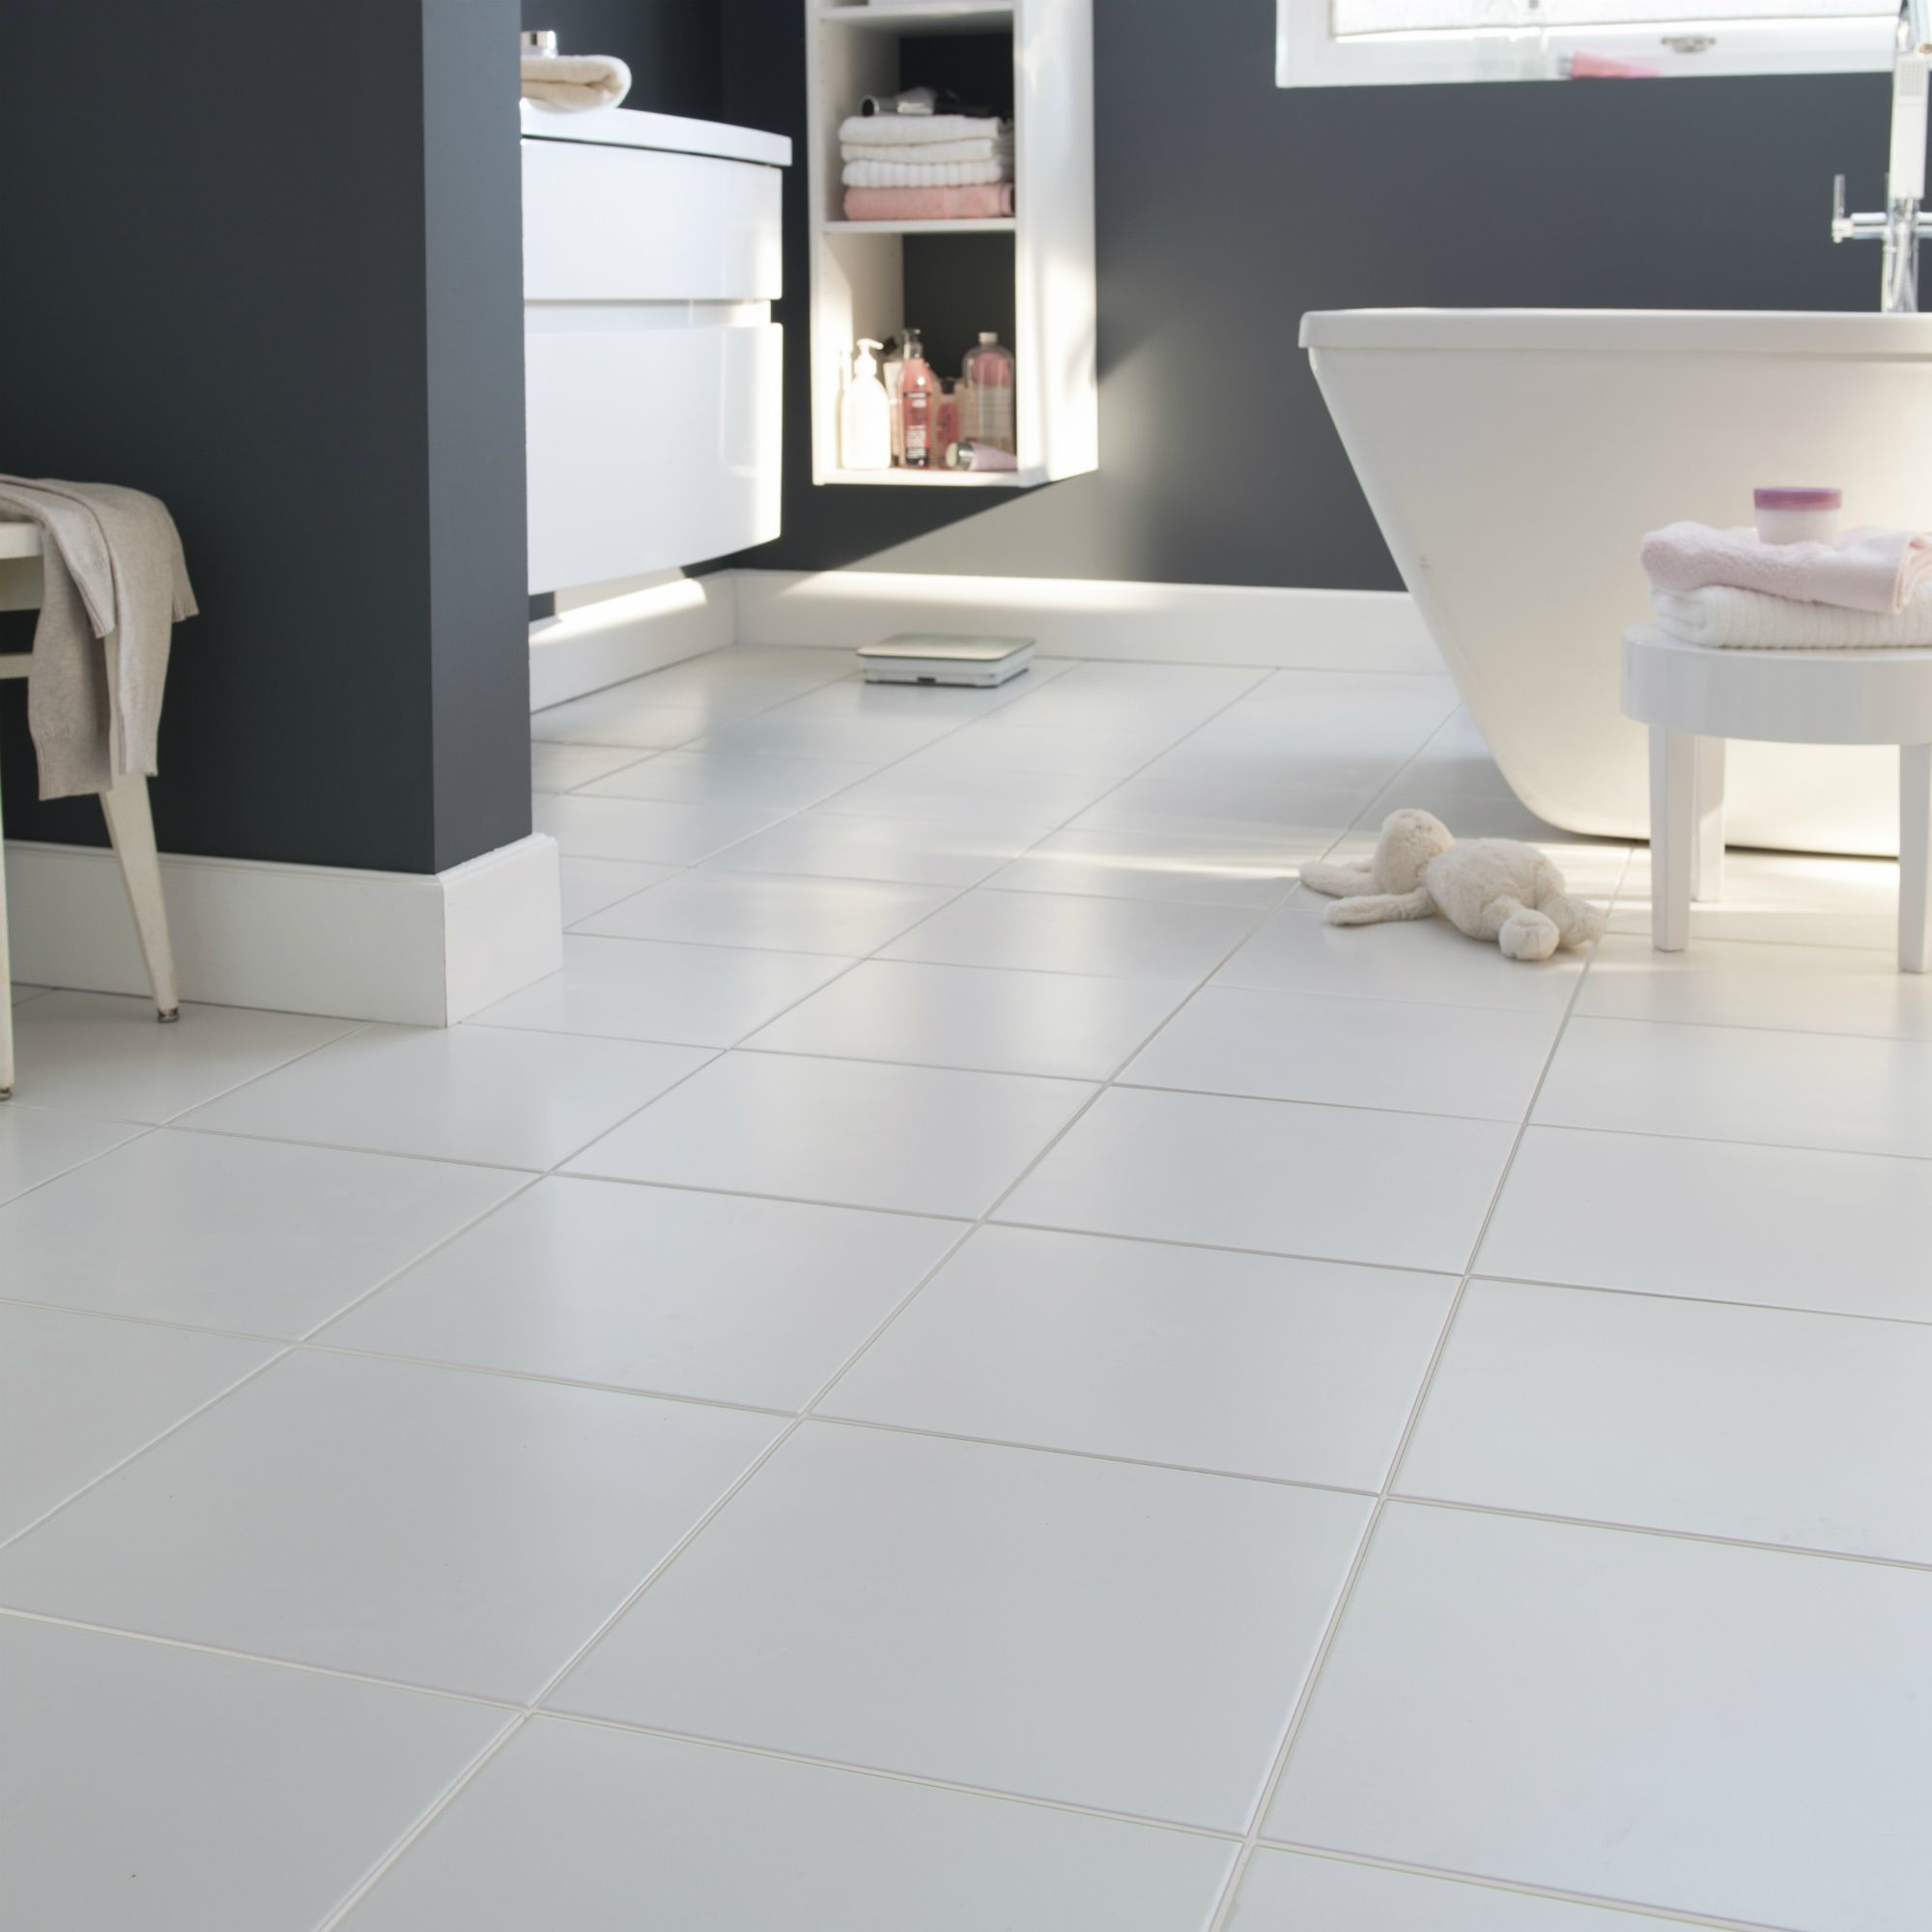 Monzie White Matt Ceramic Floor Tile Pack Of 16 L 300mm W 300mm Departments Diy At B Q Tile Floor Ceramic Floor Tile Ceramic Floor